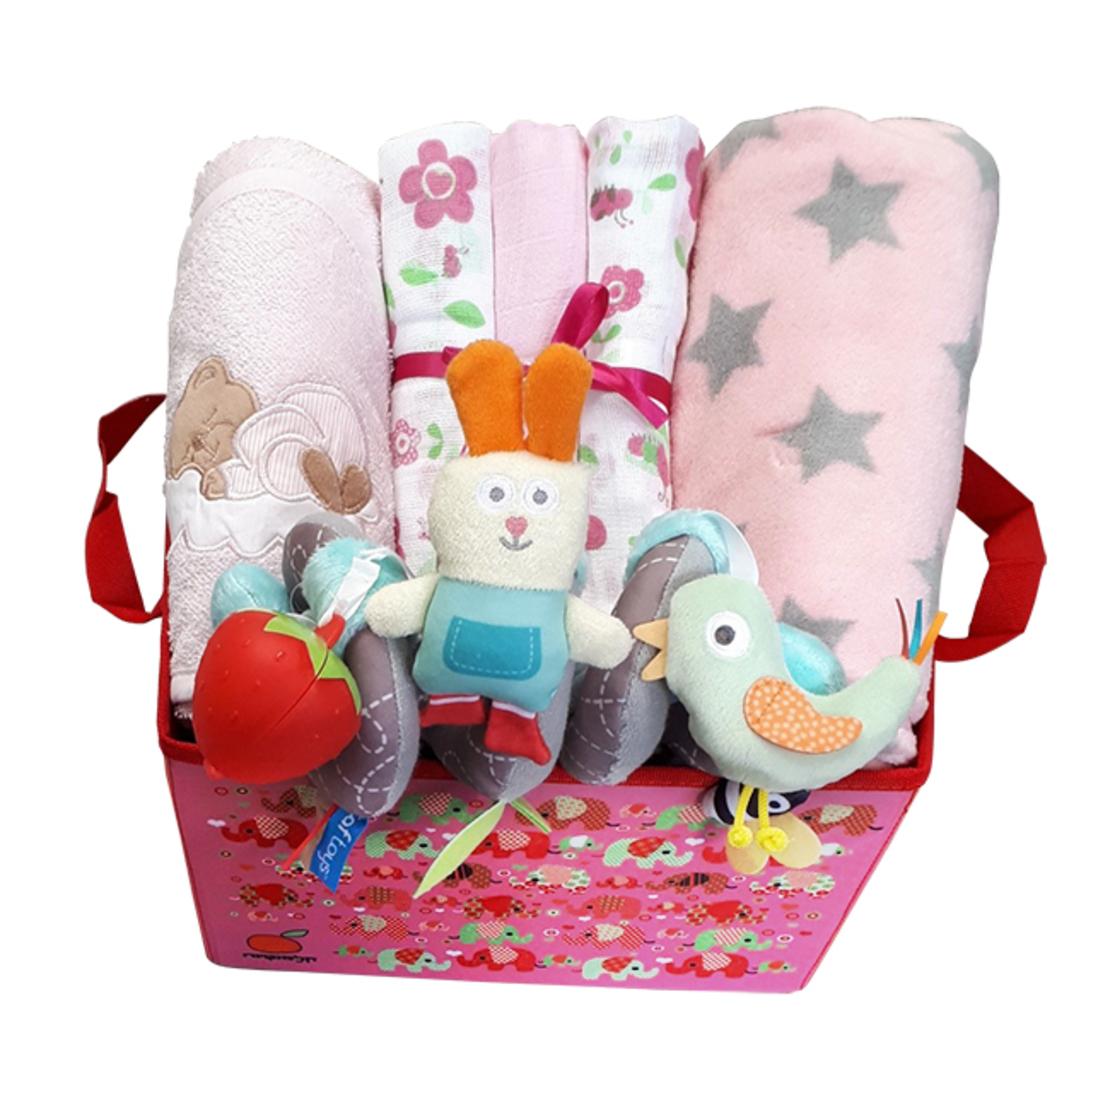 13# - אושר רך ומלטף לבת : מתנה רכה המכילה קופסת צעצועים, שמיכה, מגבת, חיתולי טטרה, ספירלה לעגלה/ סלקל